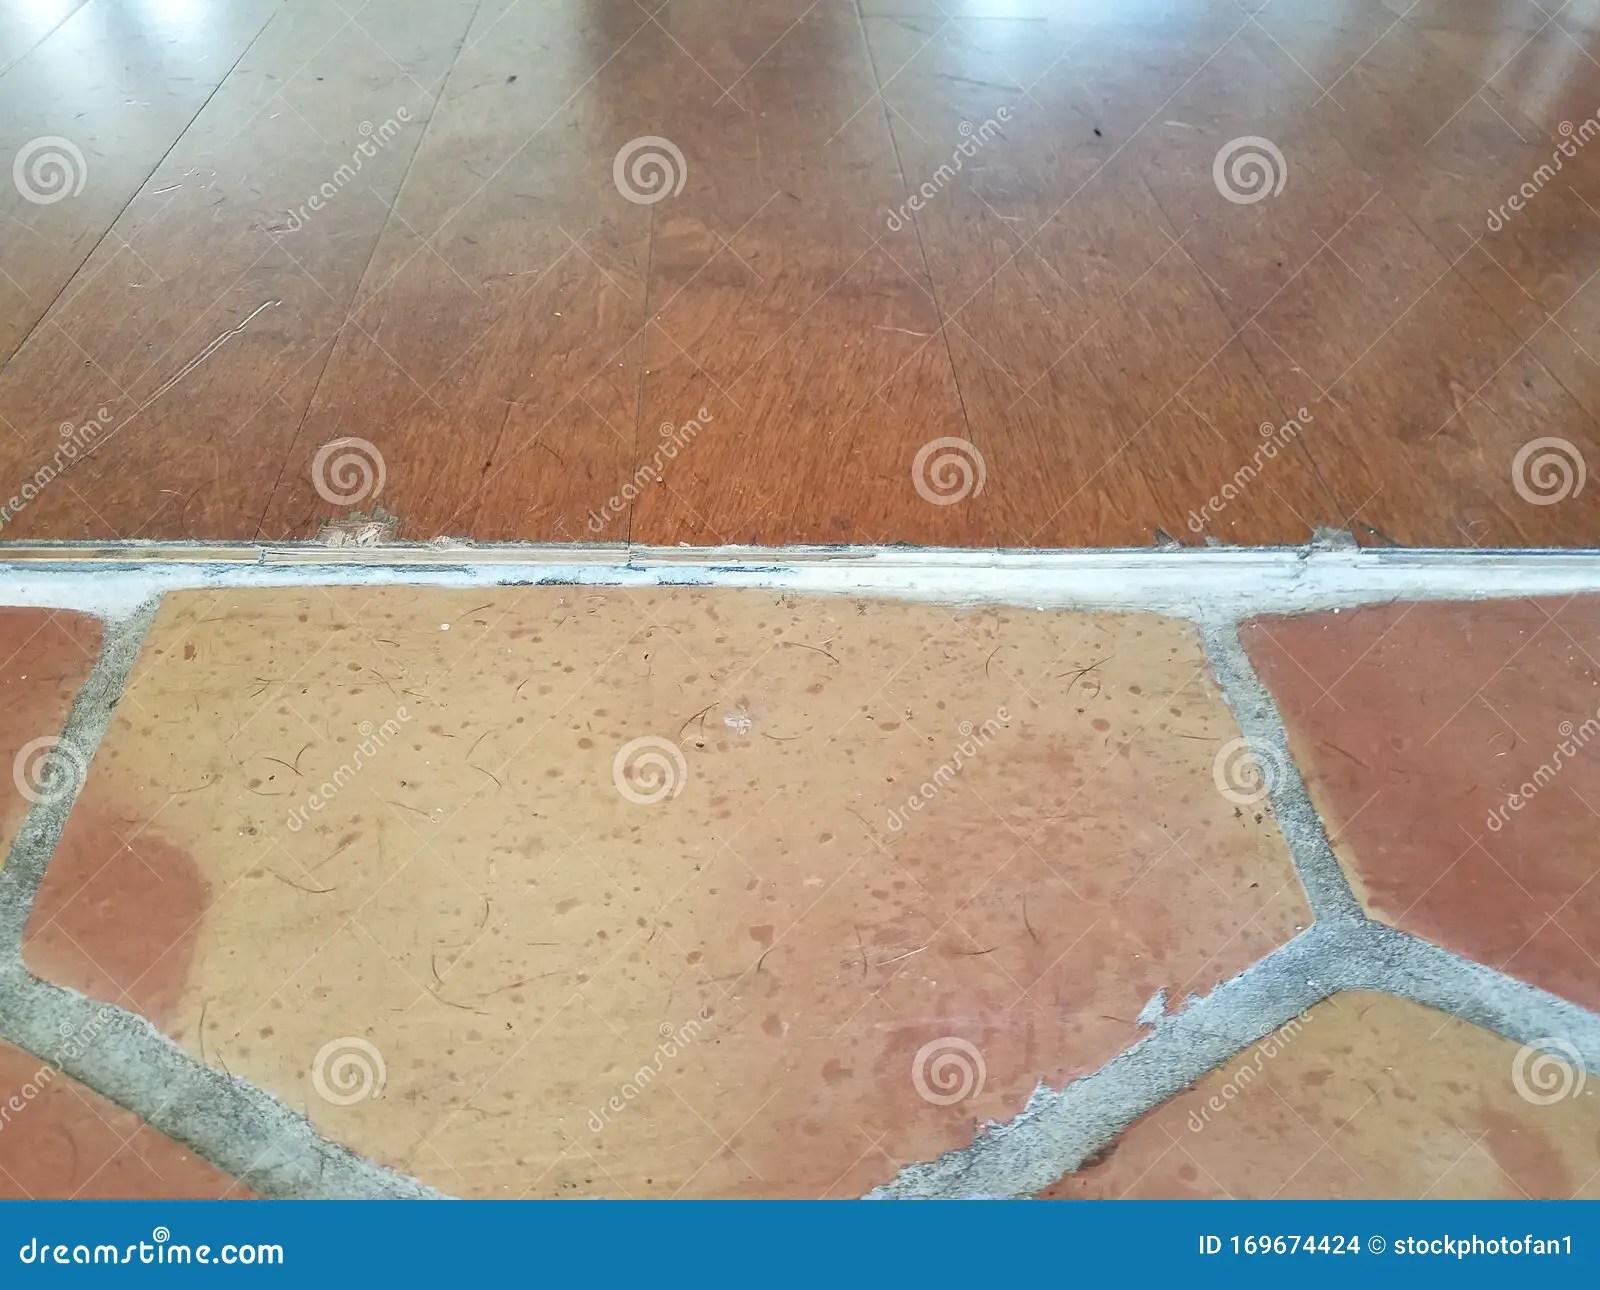 https www dreamstime com threshold wood floor tile hairs brown image169674424